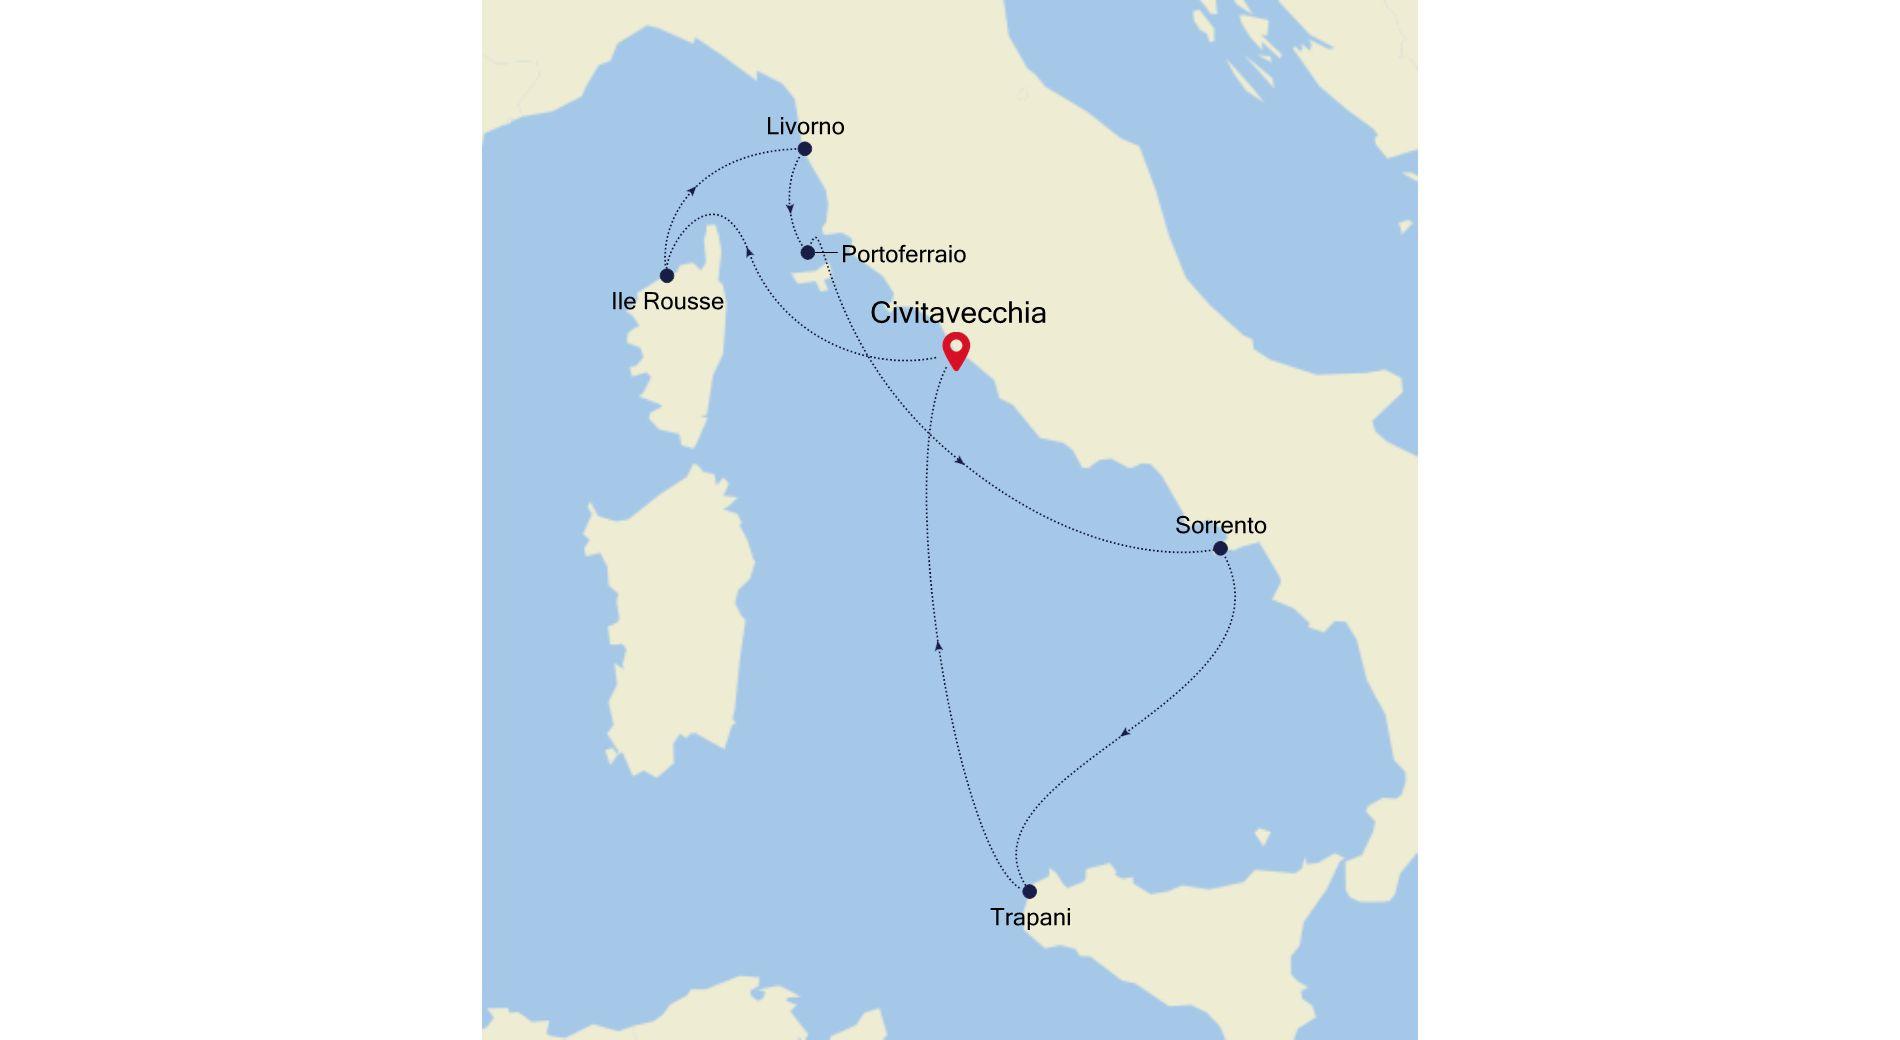 SS200703007 - Civitavecchia nach Civitavecchia